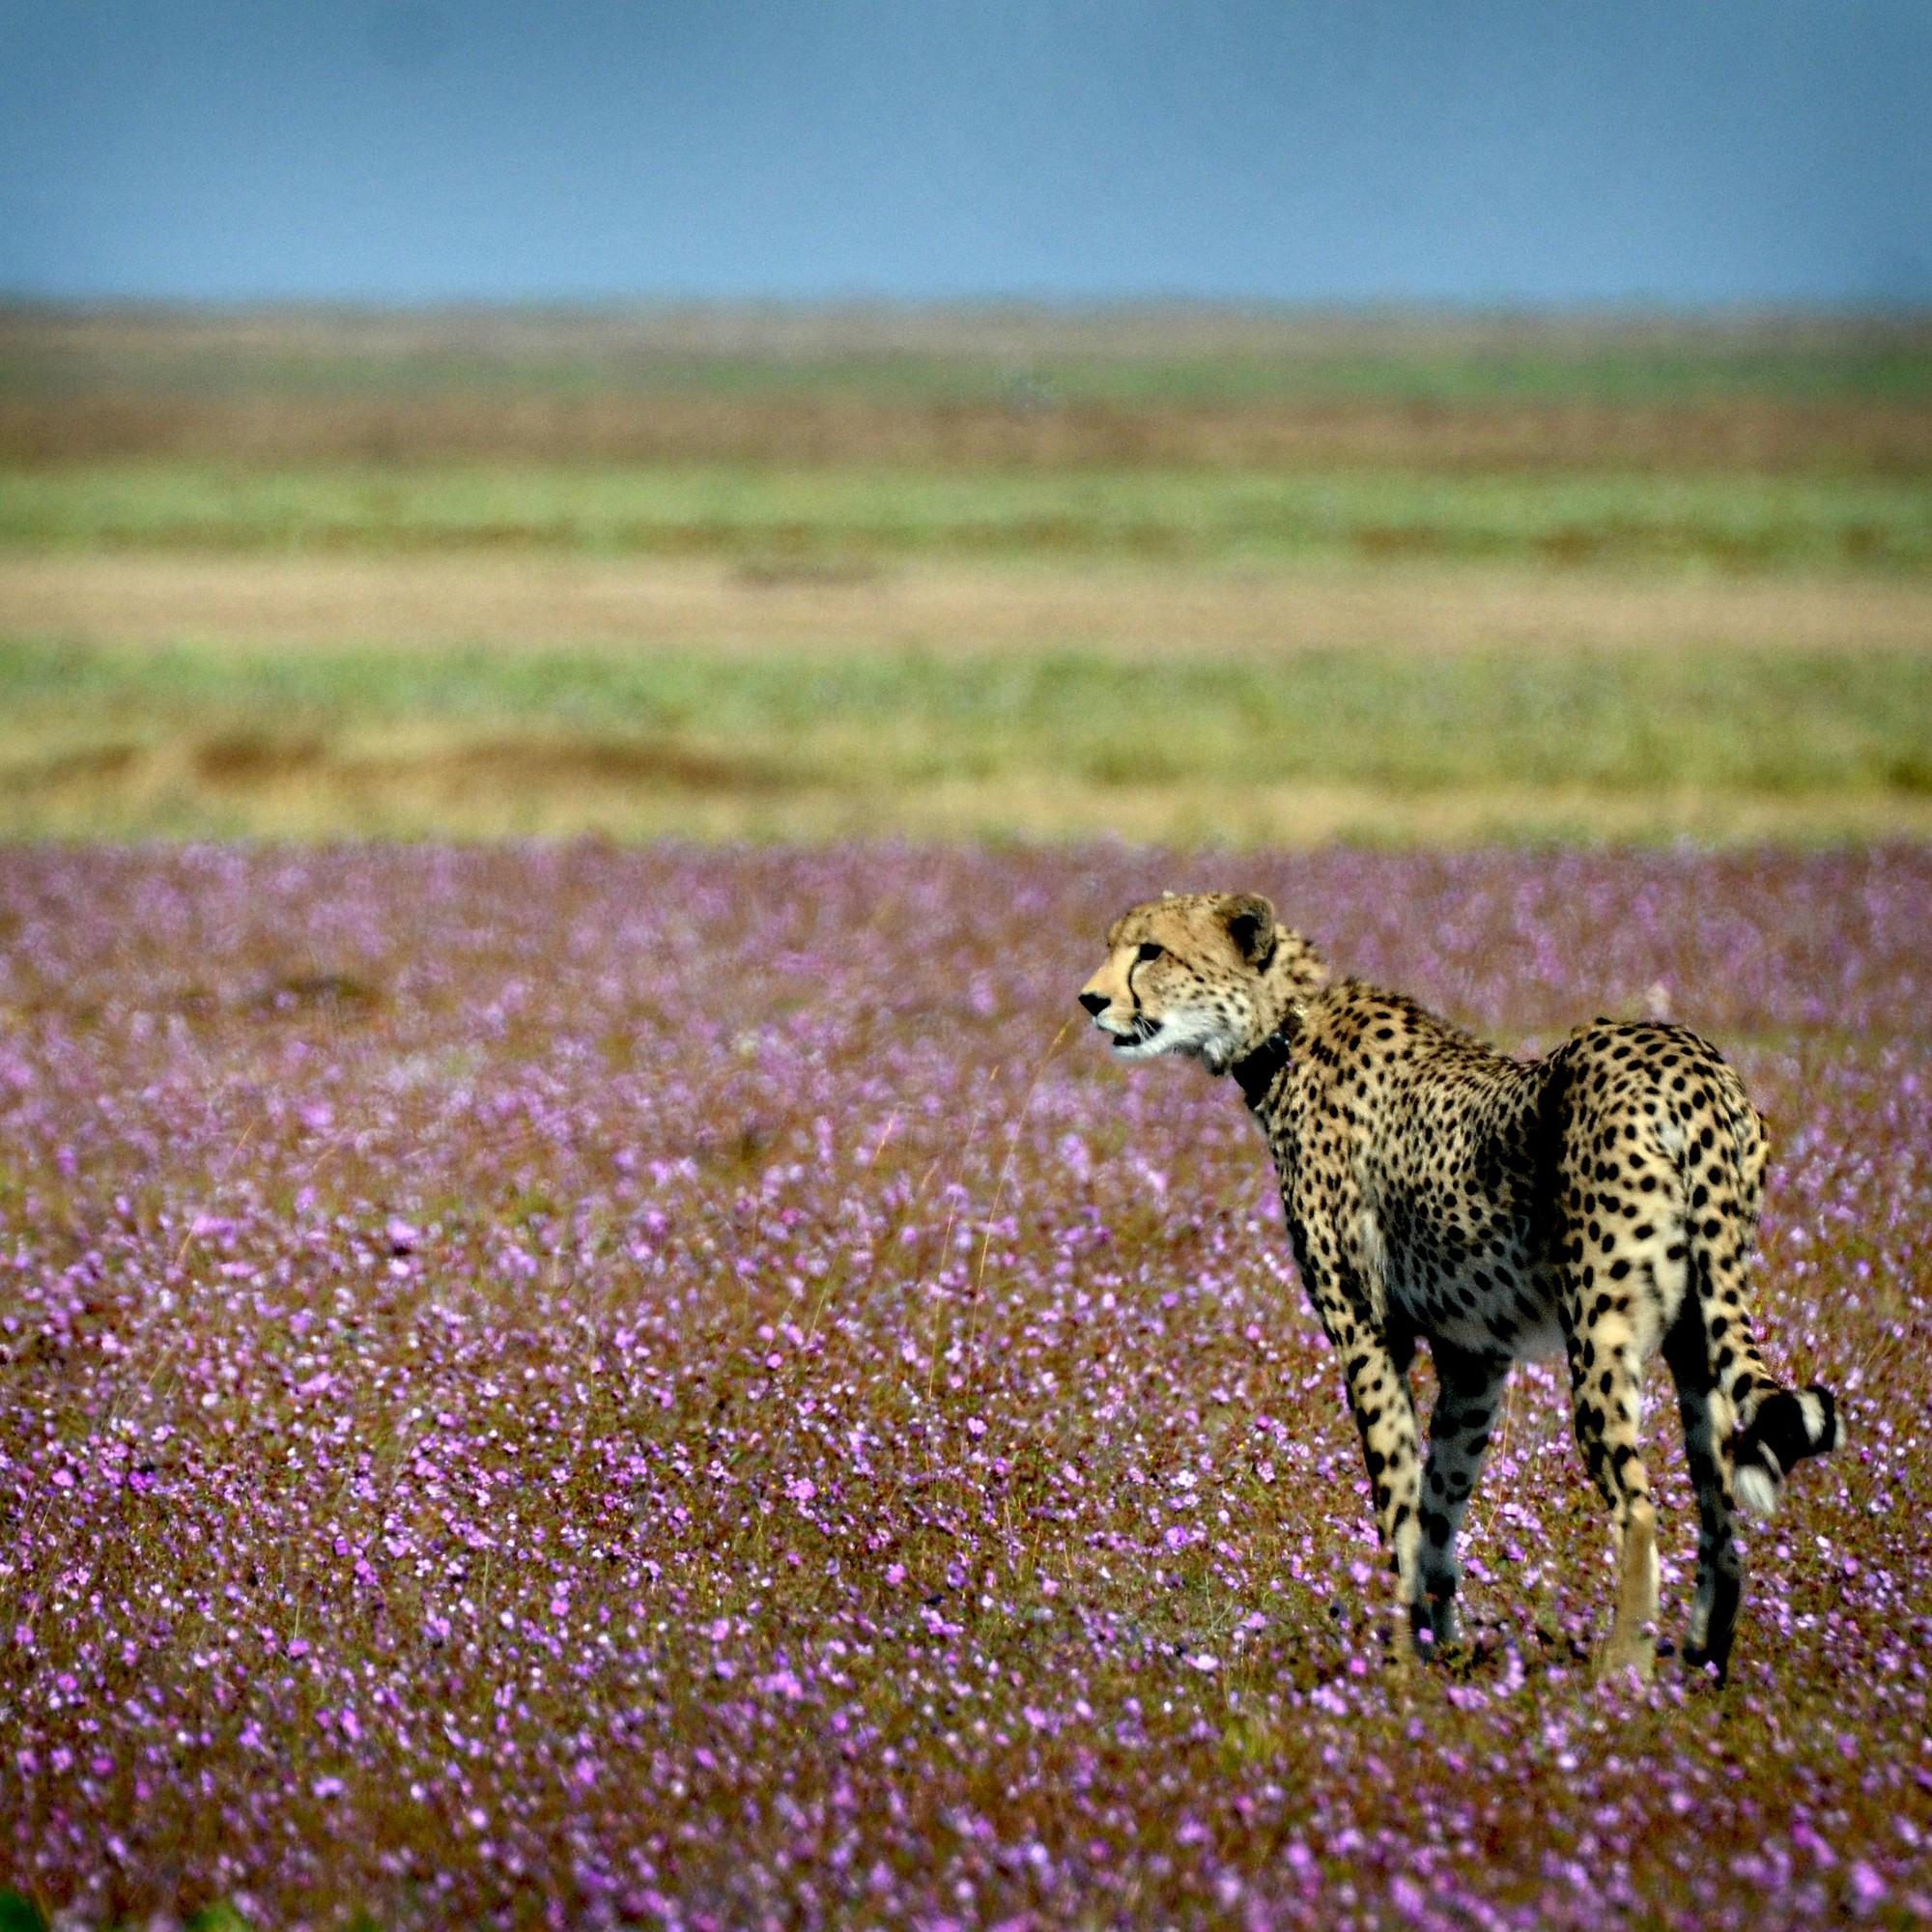 Ghé thăm vùng đất lý tưởng cho các nhiếp ảnh gia thiên nhiên hoang dã: Quê hương của một con sư tử huyền thoại - Ảnh 12.